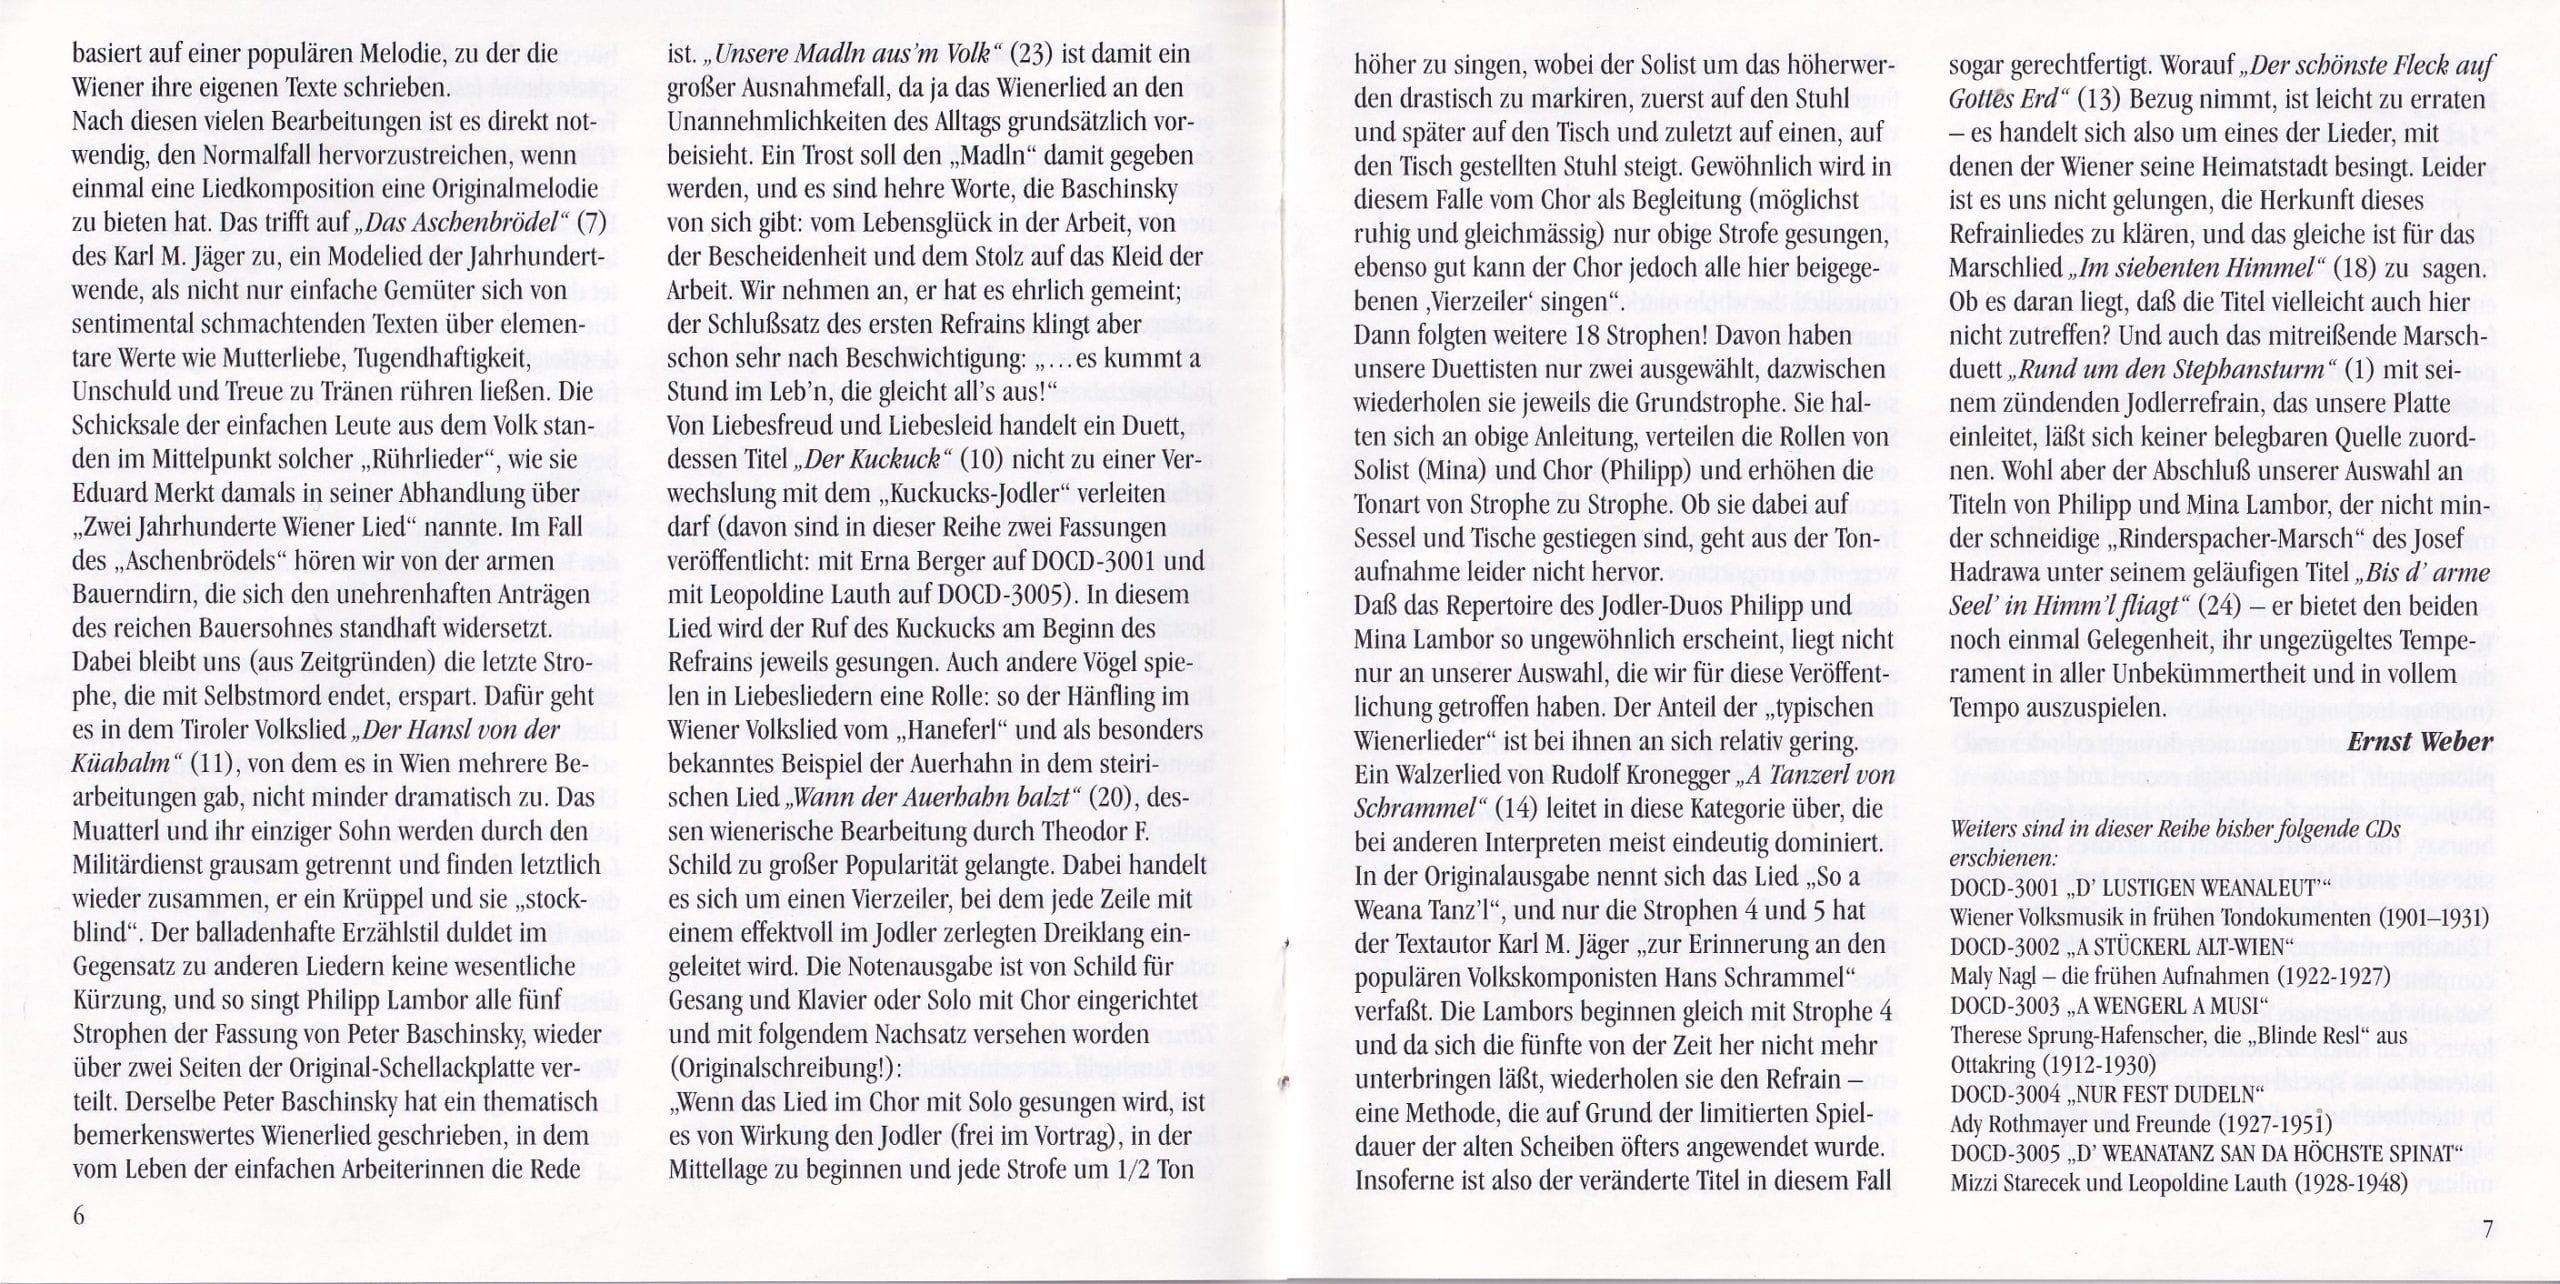 Rund um den Stephansturm – Booklet – 6-7